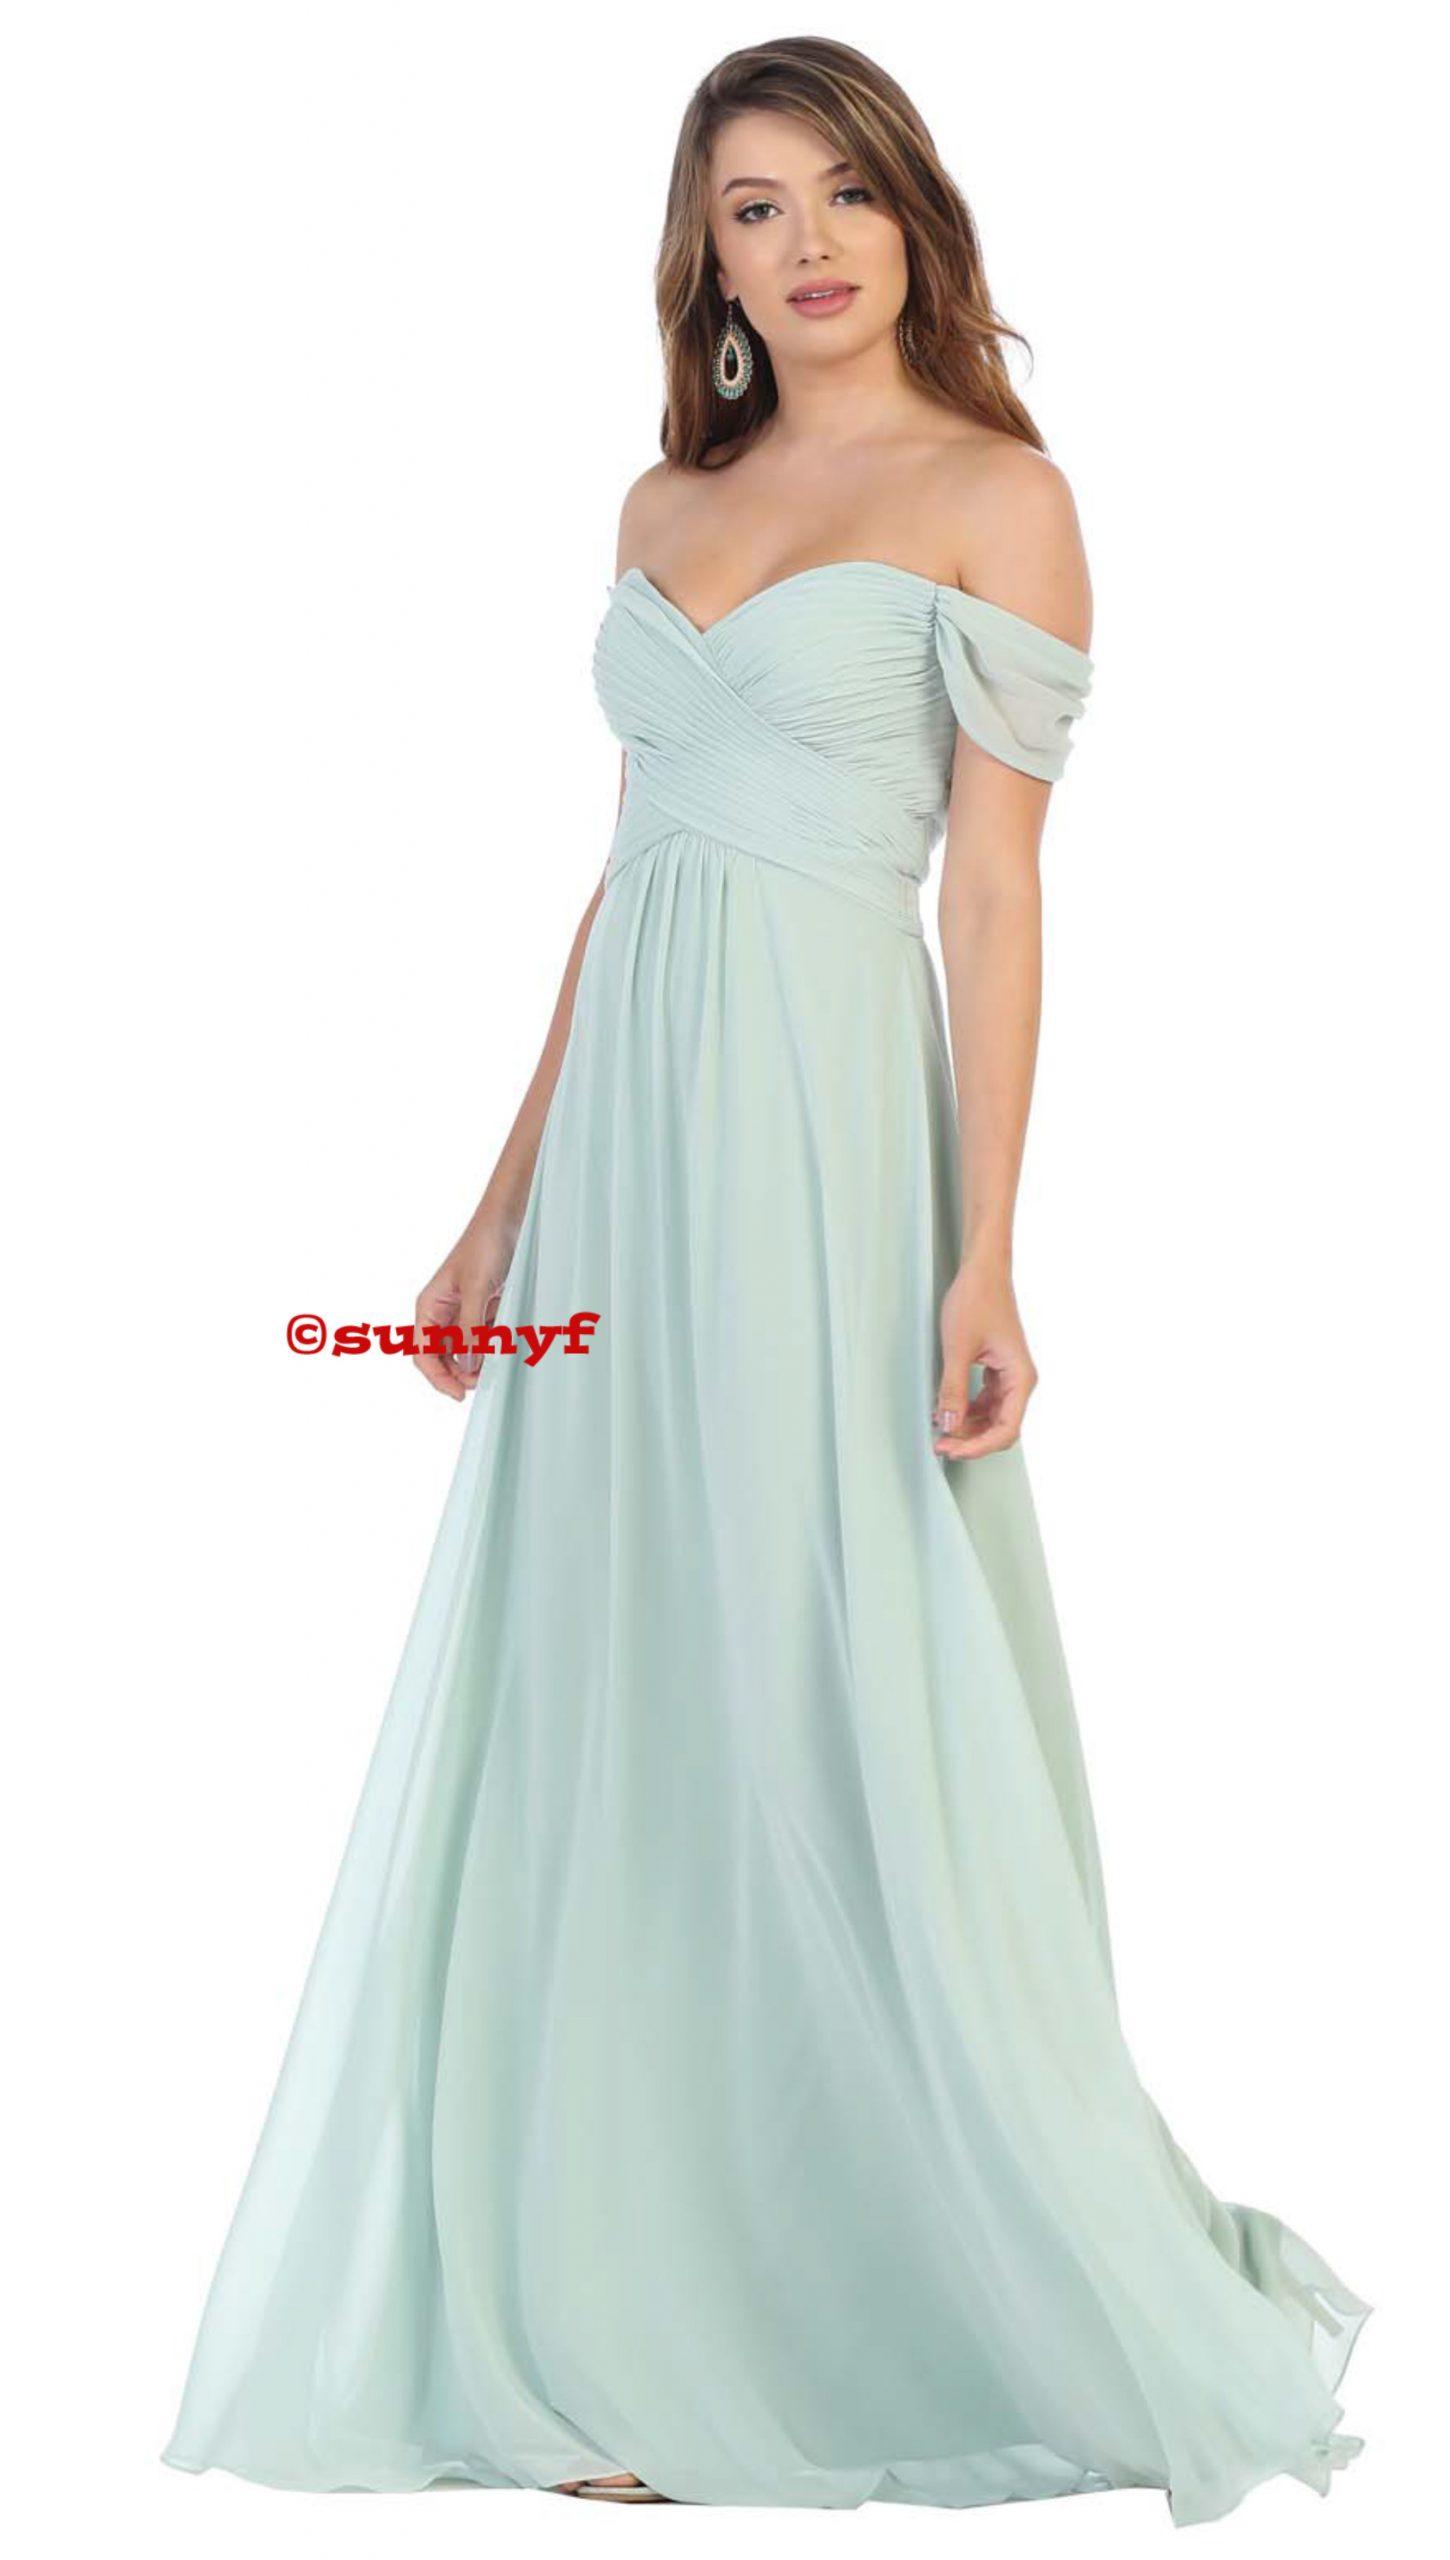 17 Fantastisch Abend Kleid Für Hochzeit BoutiqueAbend Schön Abend Kleid Für Hochzeit Bester Preis